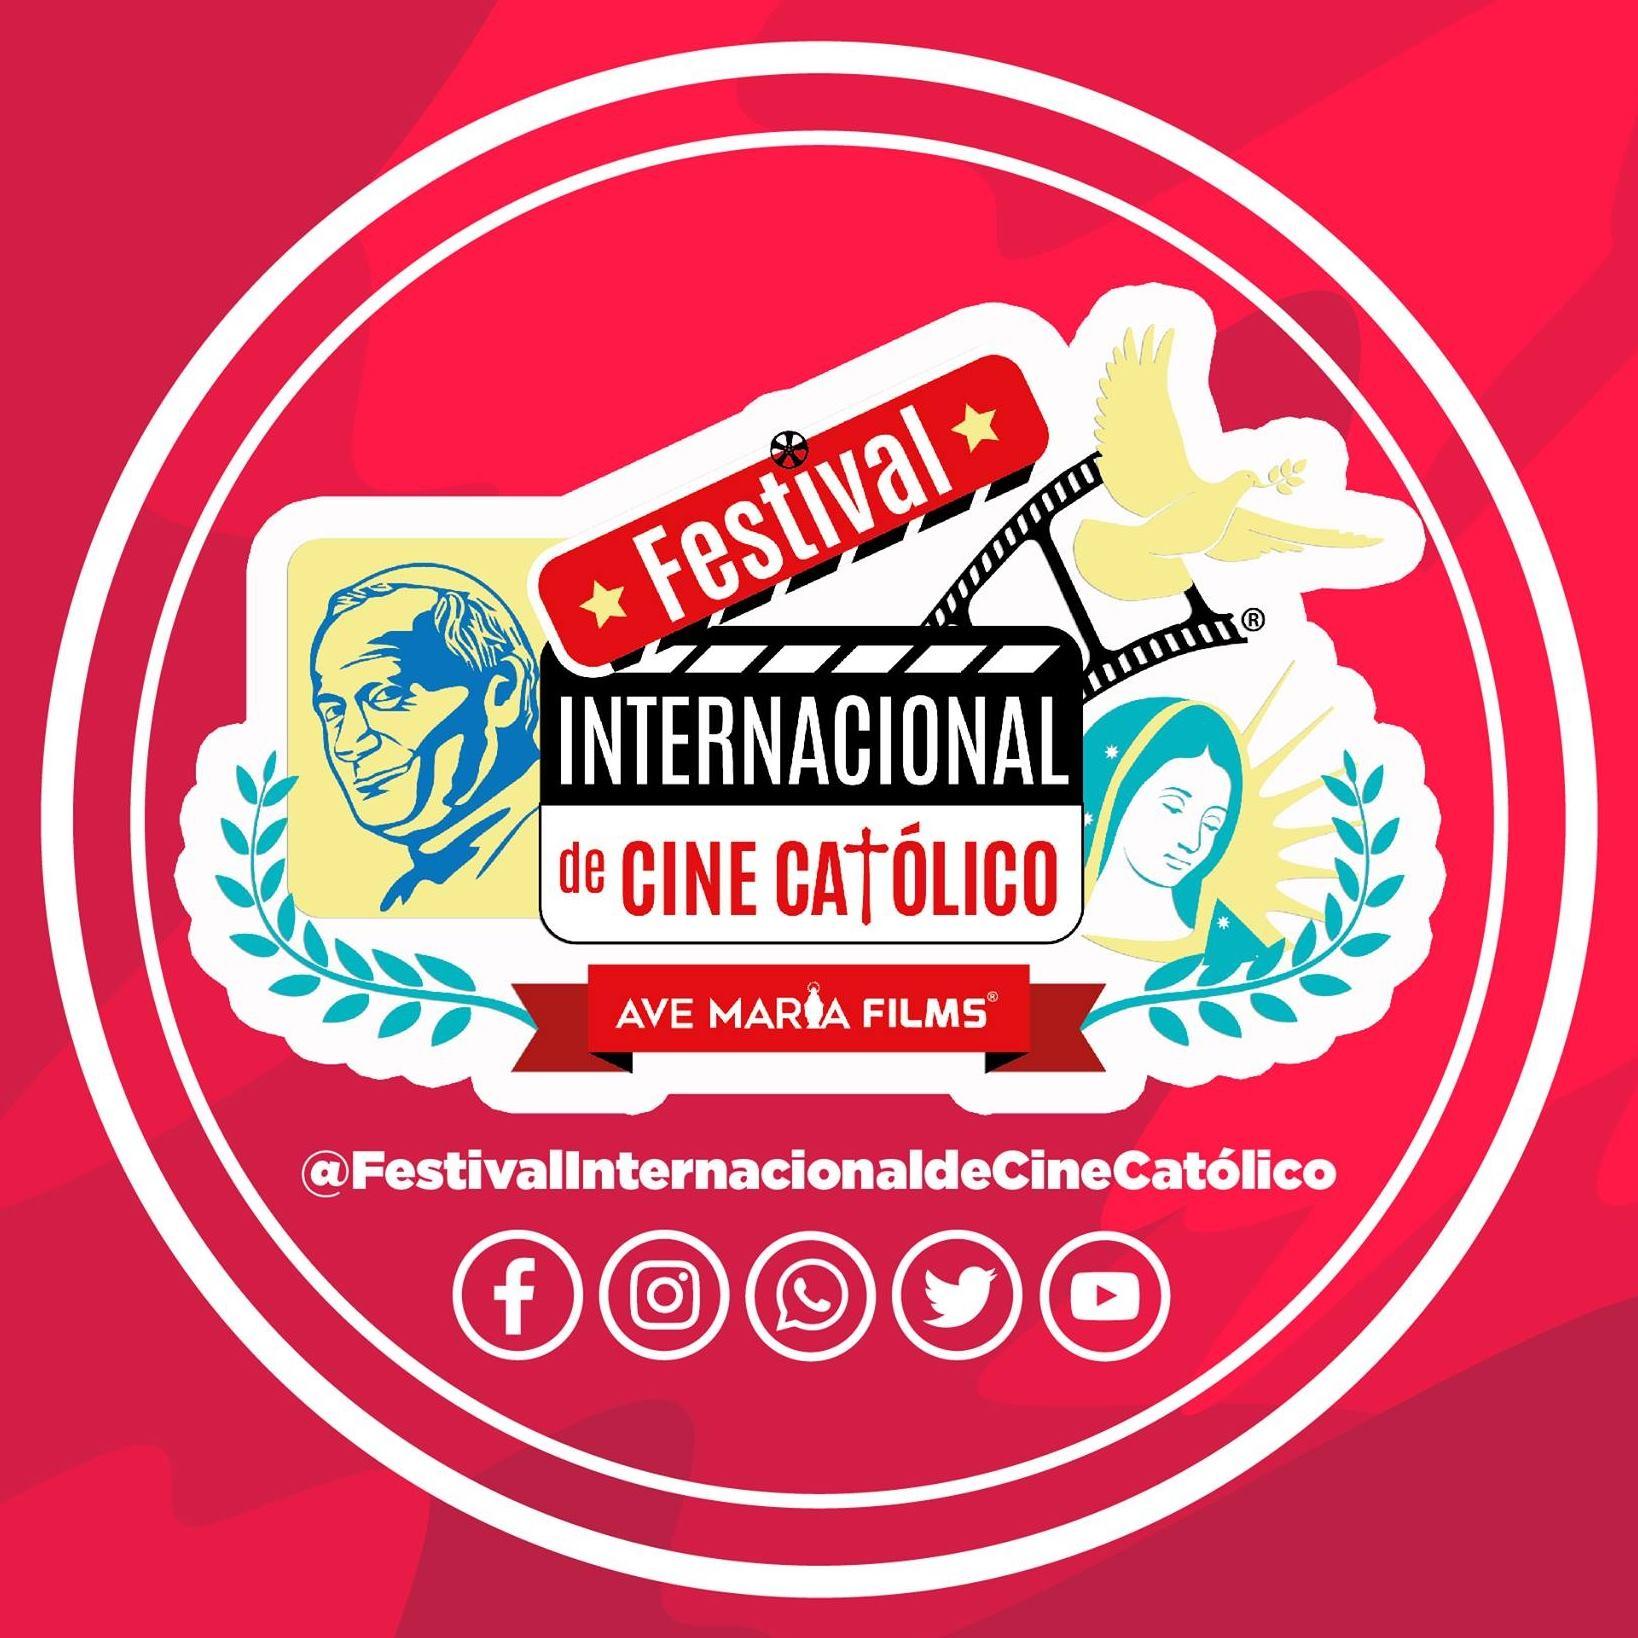 Festival Internacional de Cine Católico